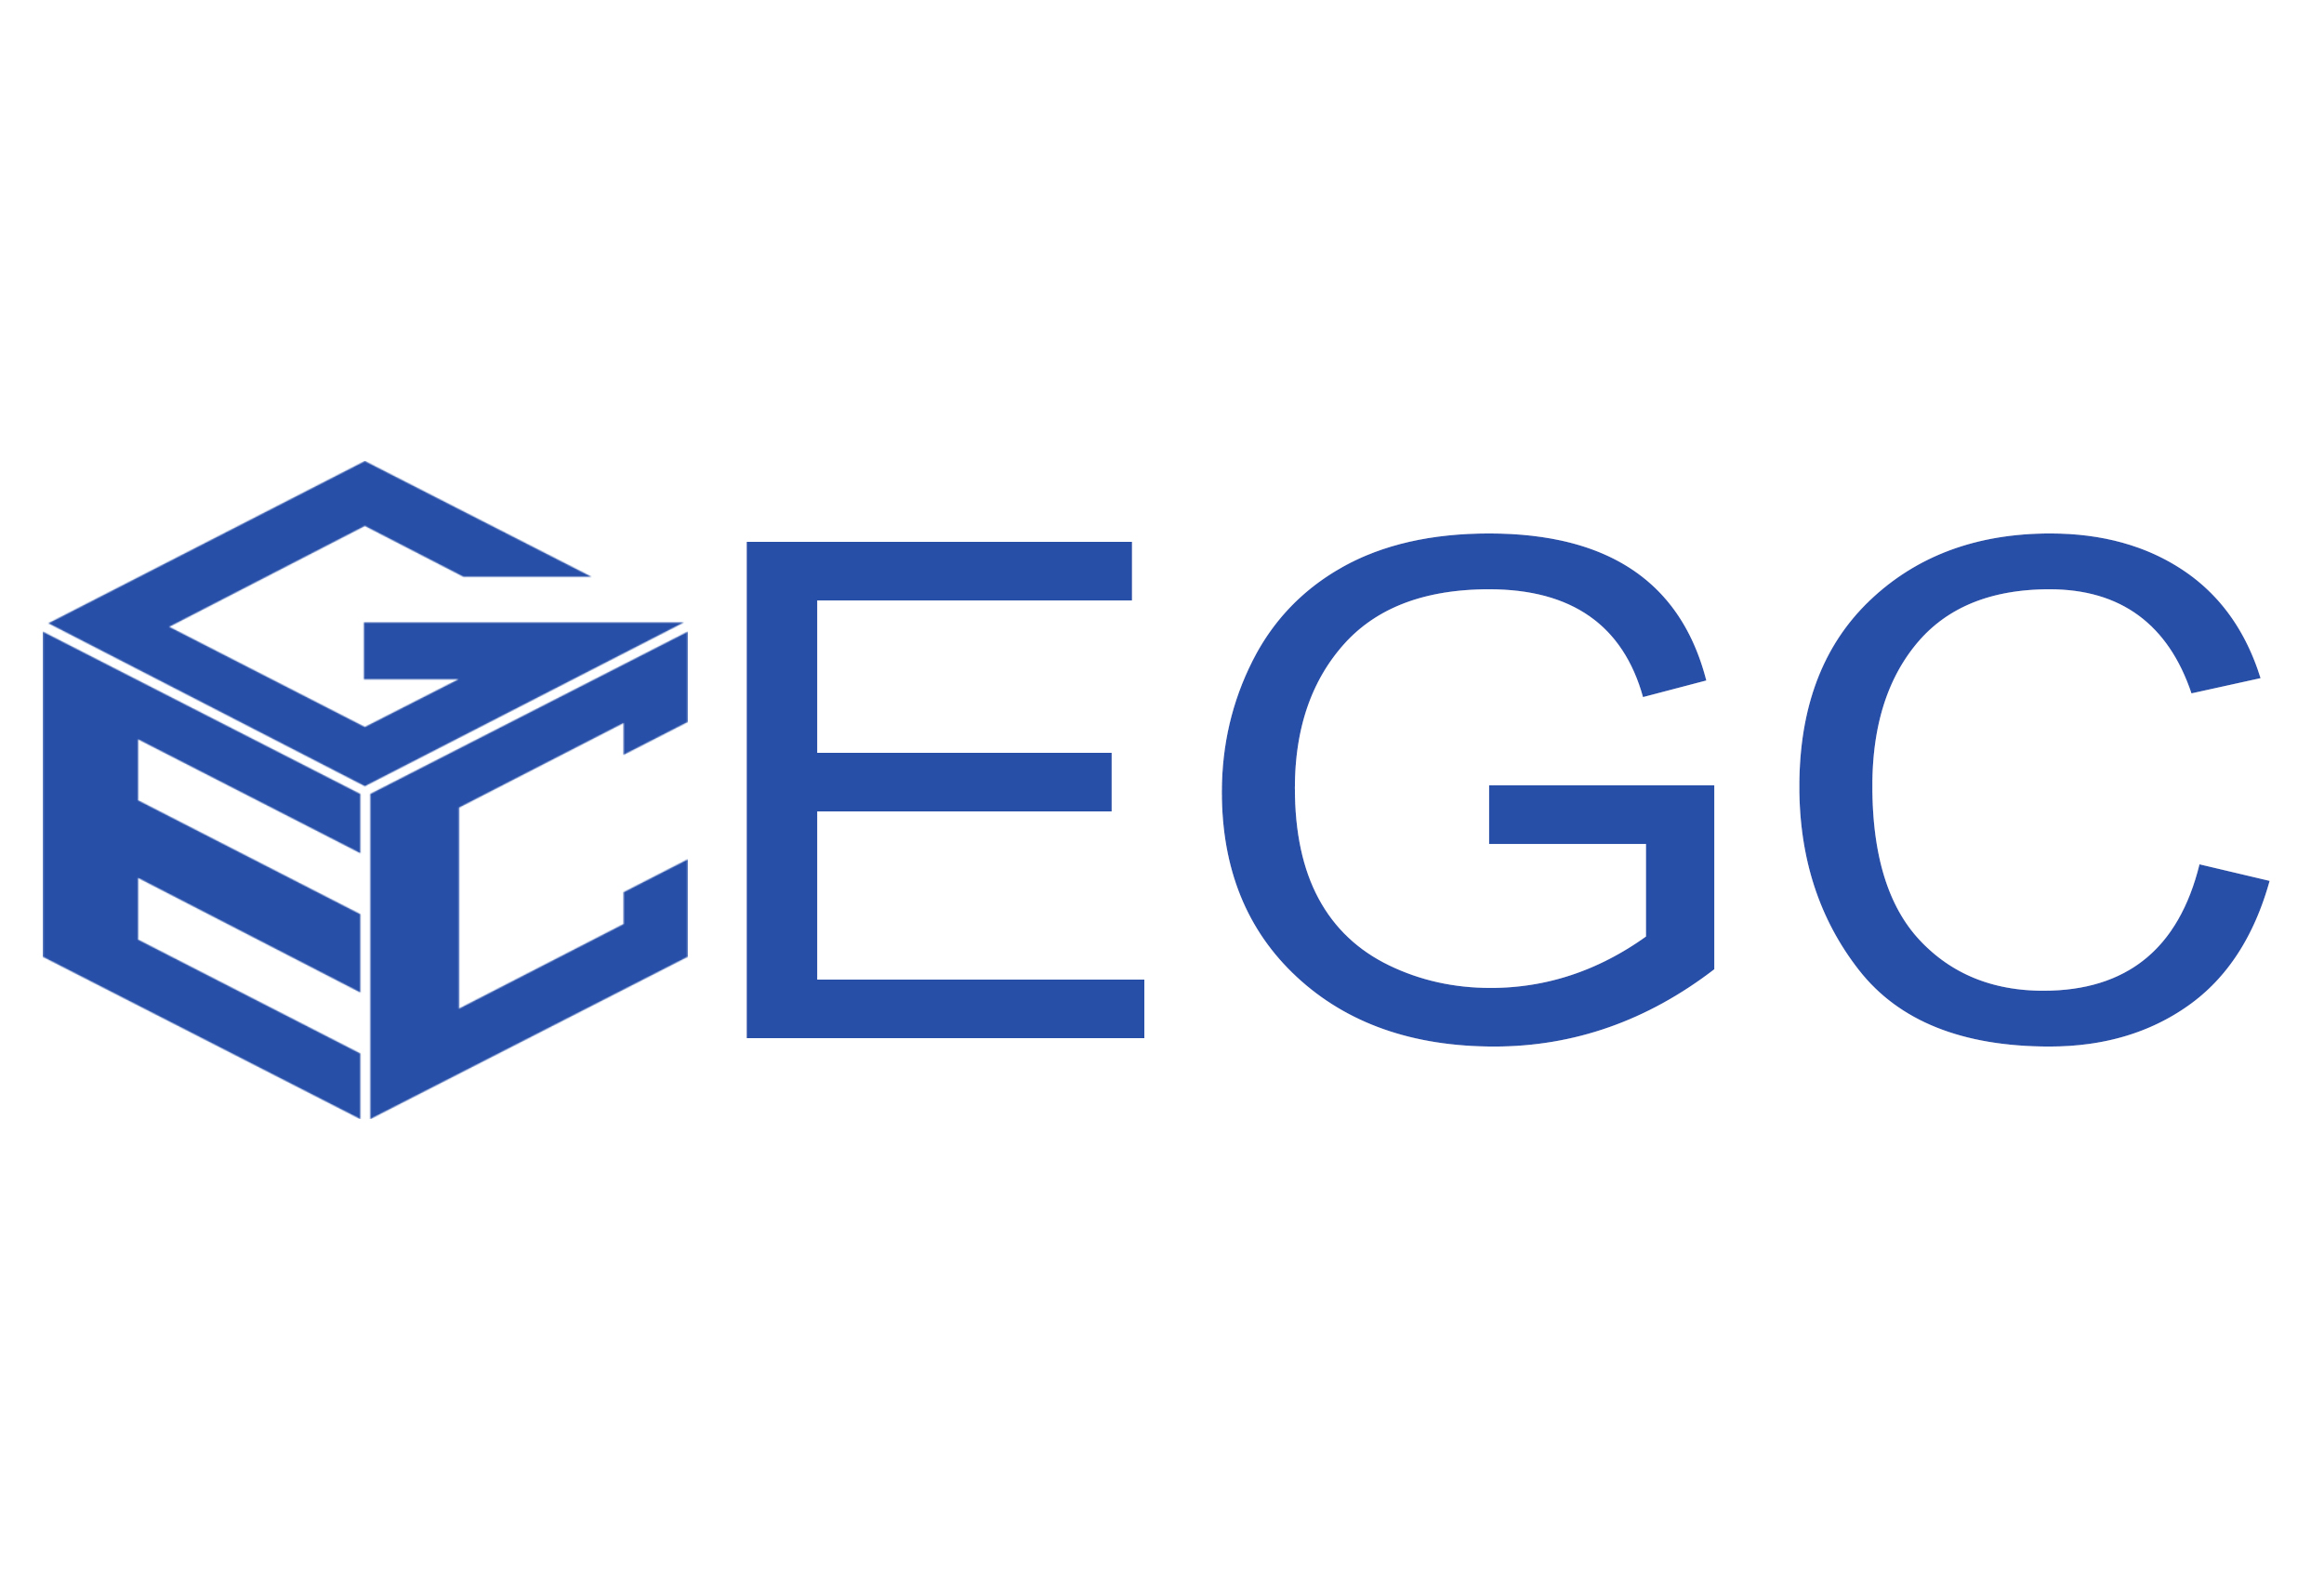 CÔNG TY TNHH CÔNG NGHIỆP PHỤ TRỢ EGC